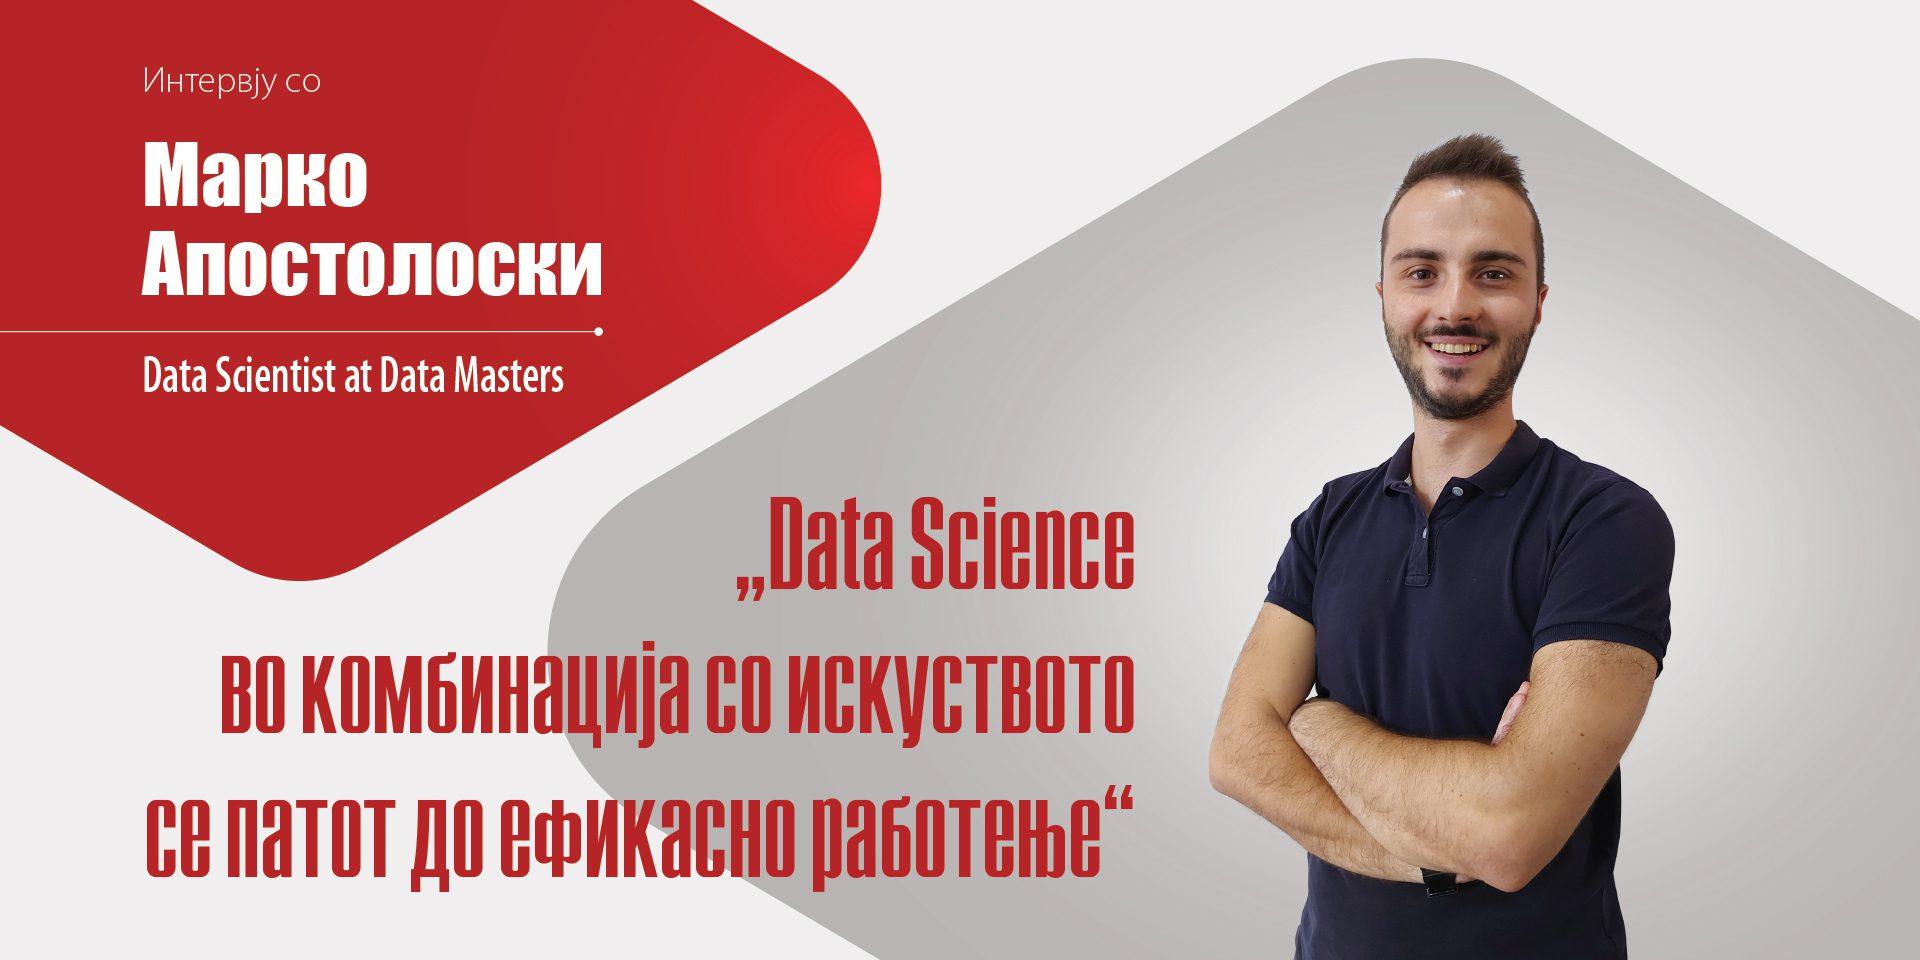 Интервју со Марко Апостолоски